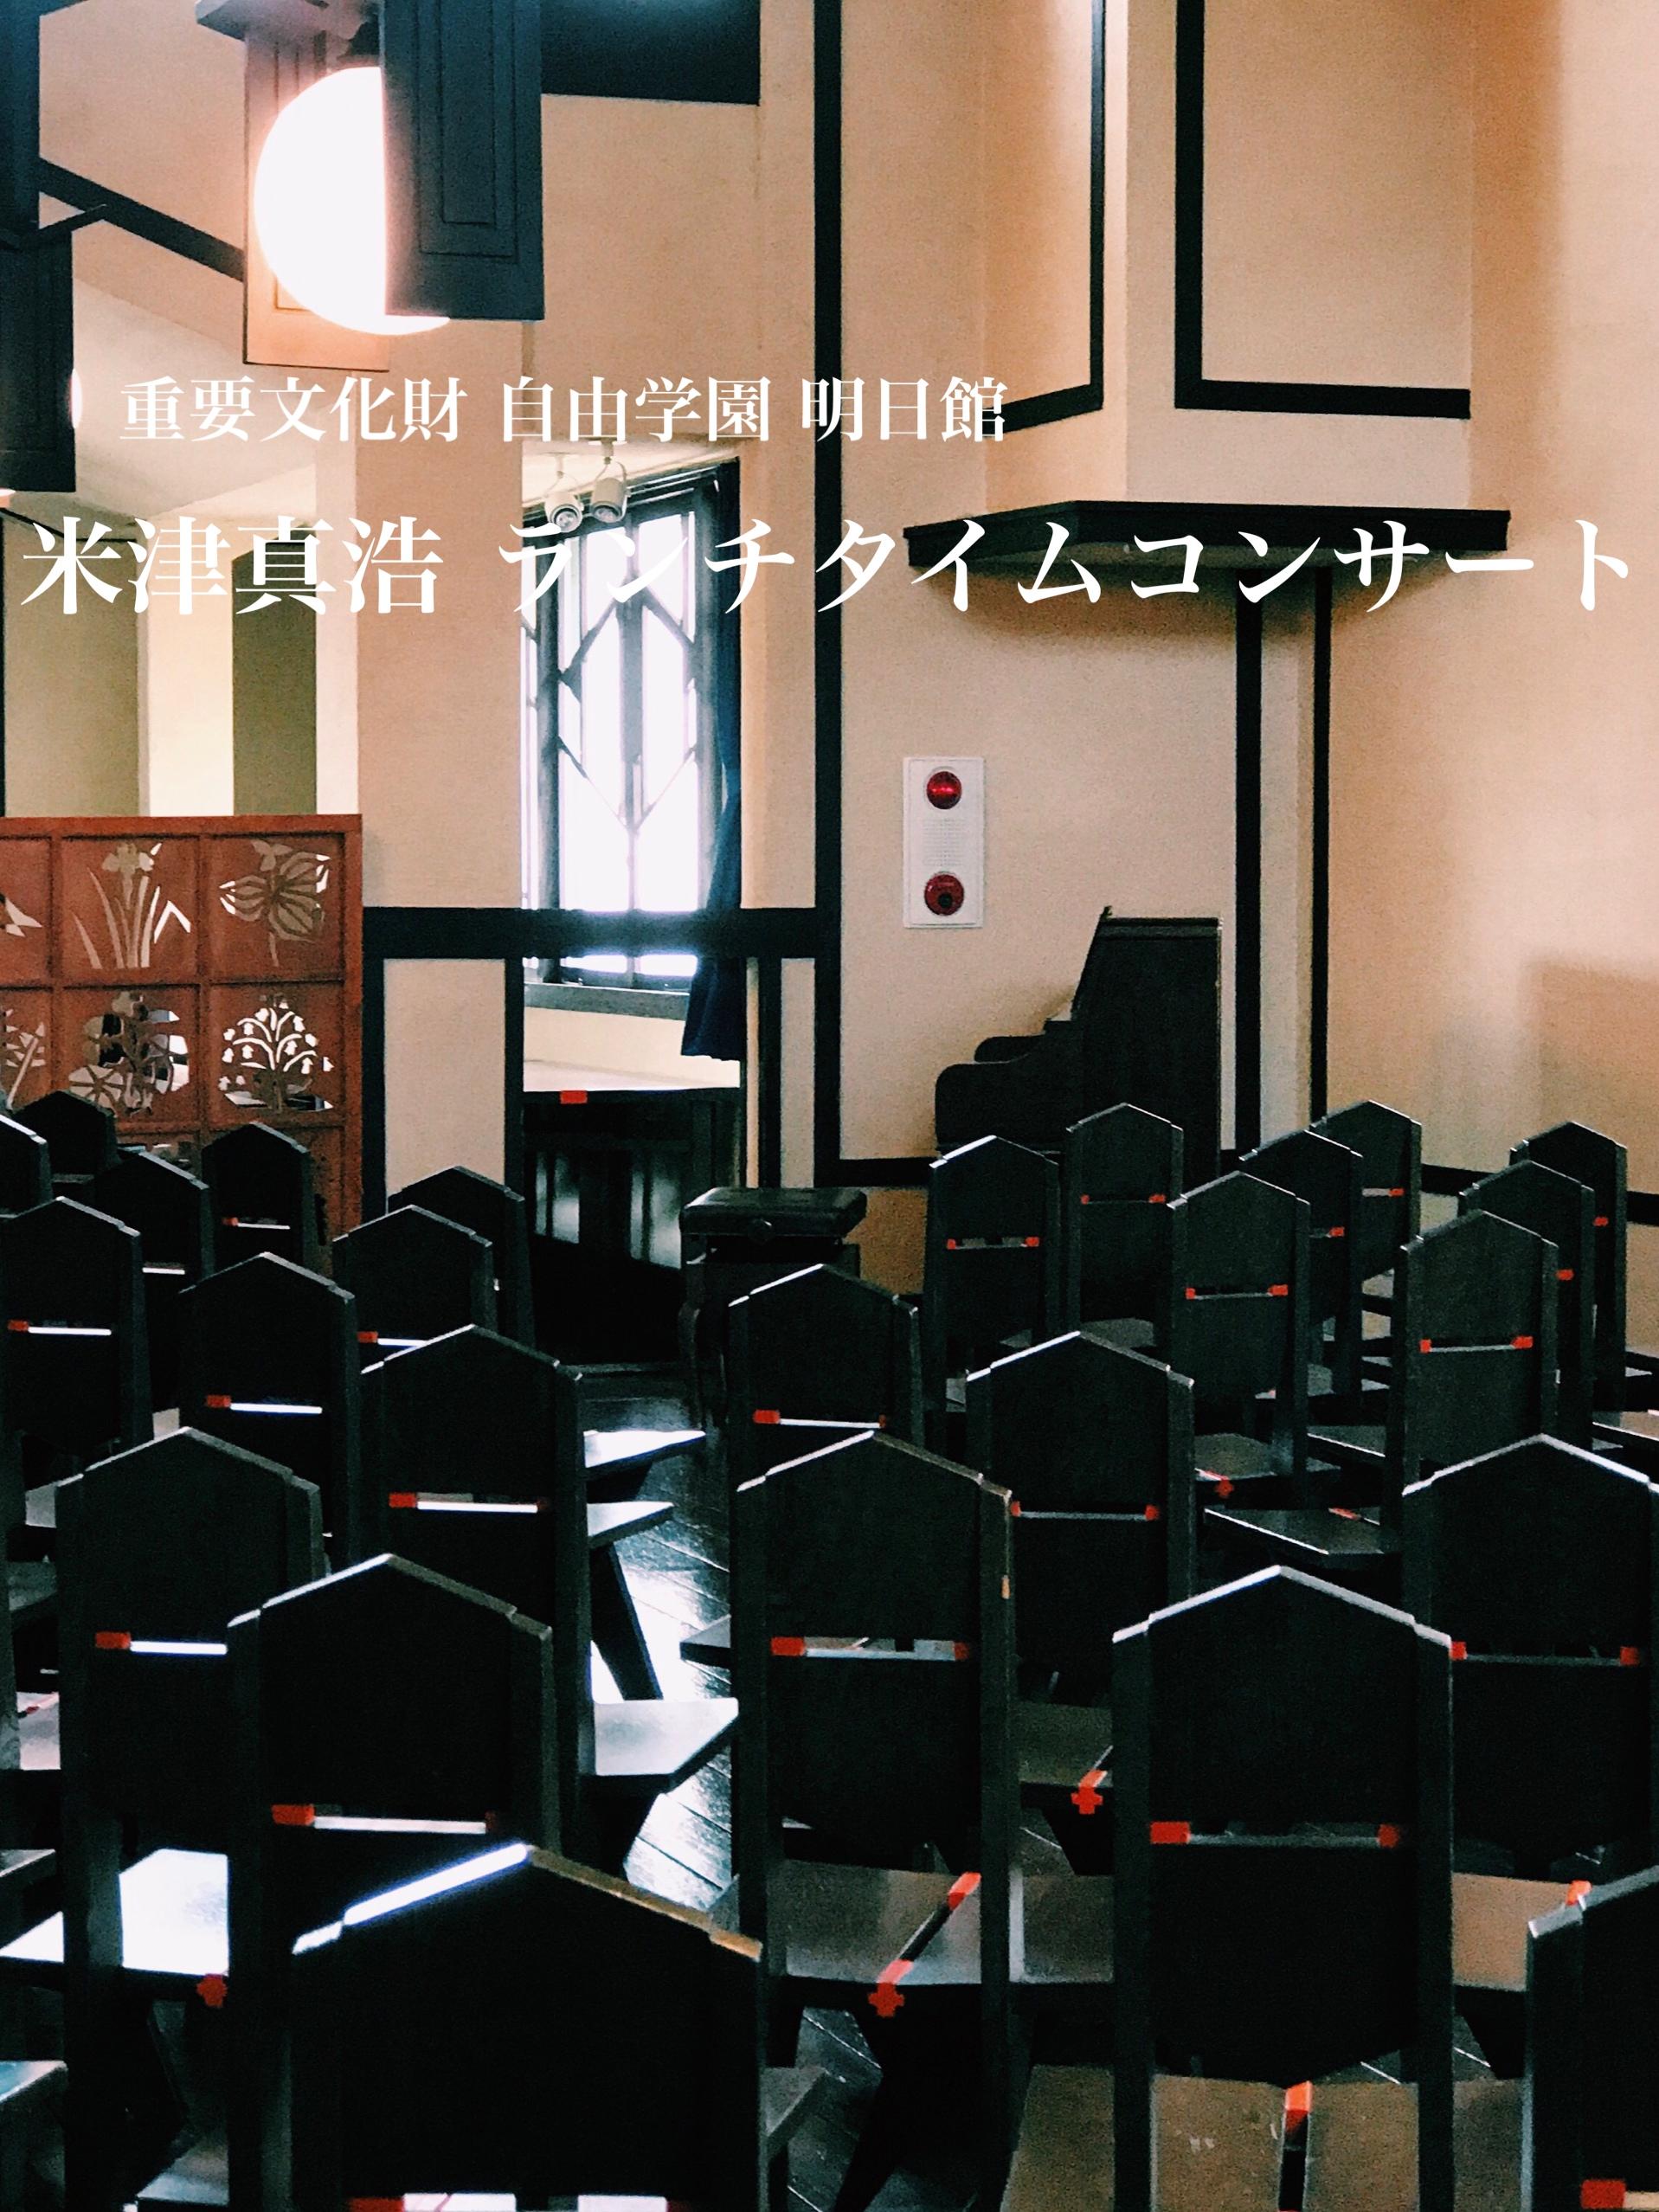 2017年7月17日(月) 重要文化財 自由学園明日館 米津真浩 ランチタイムコンサート